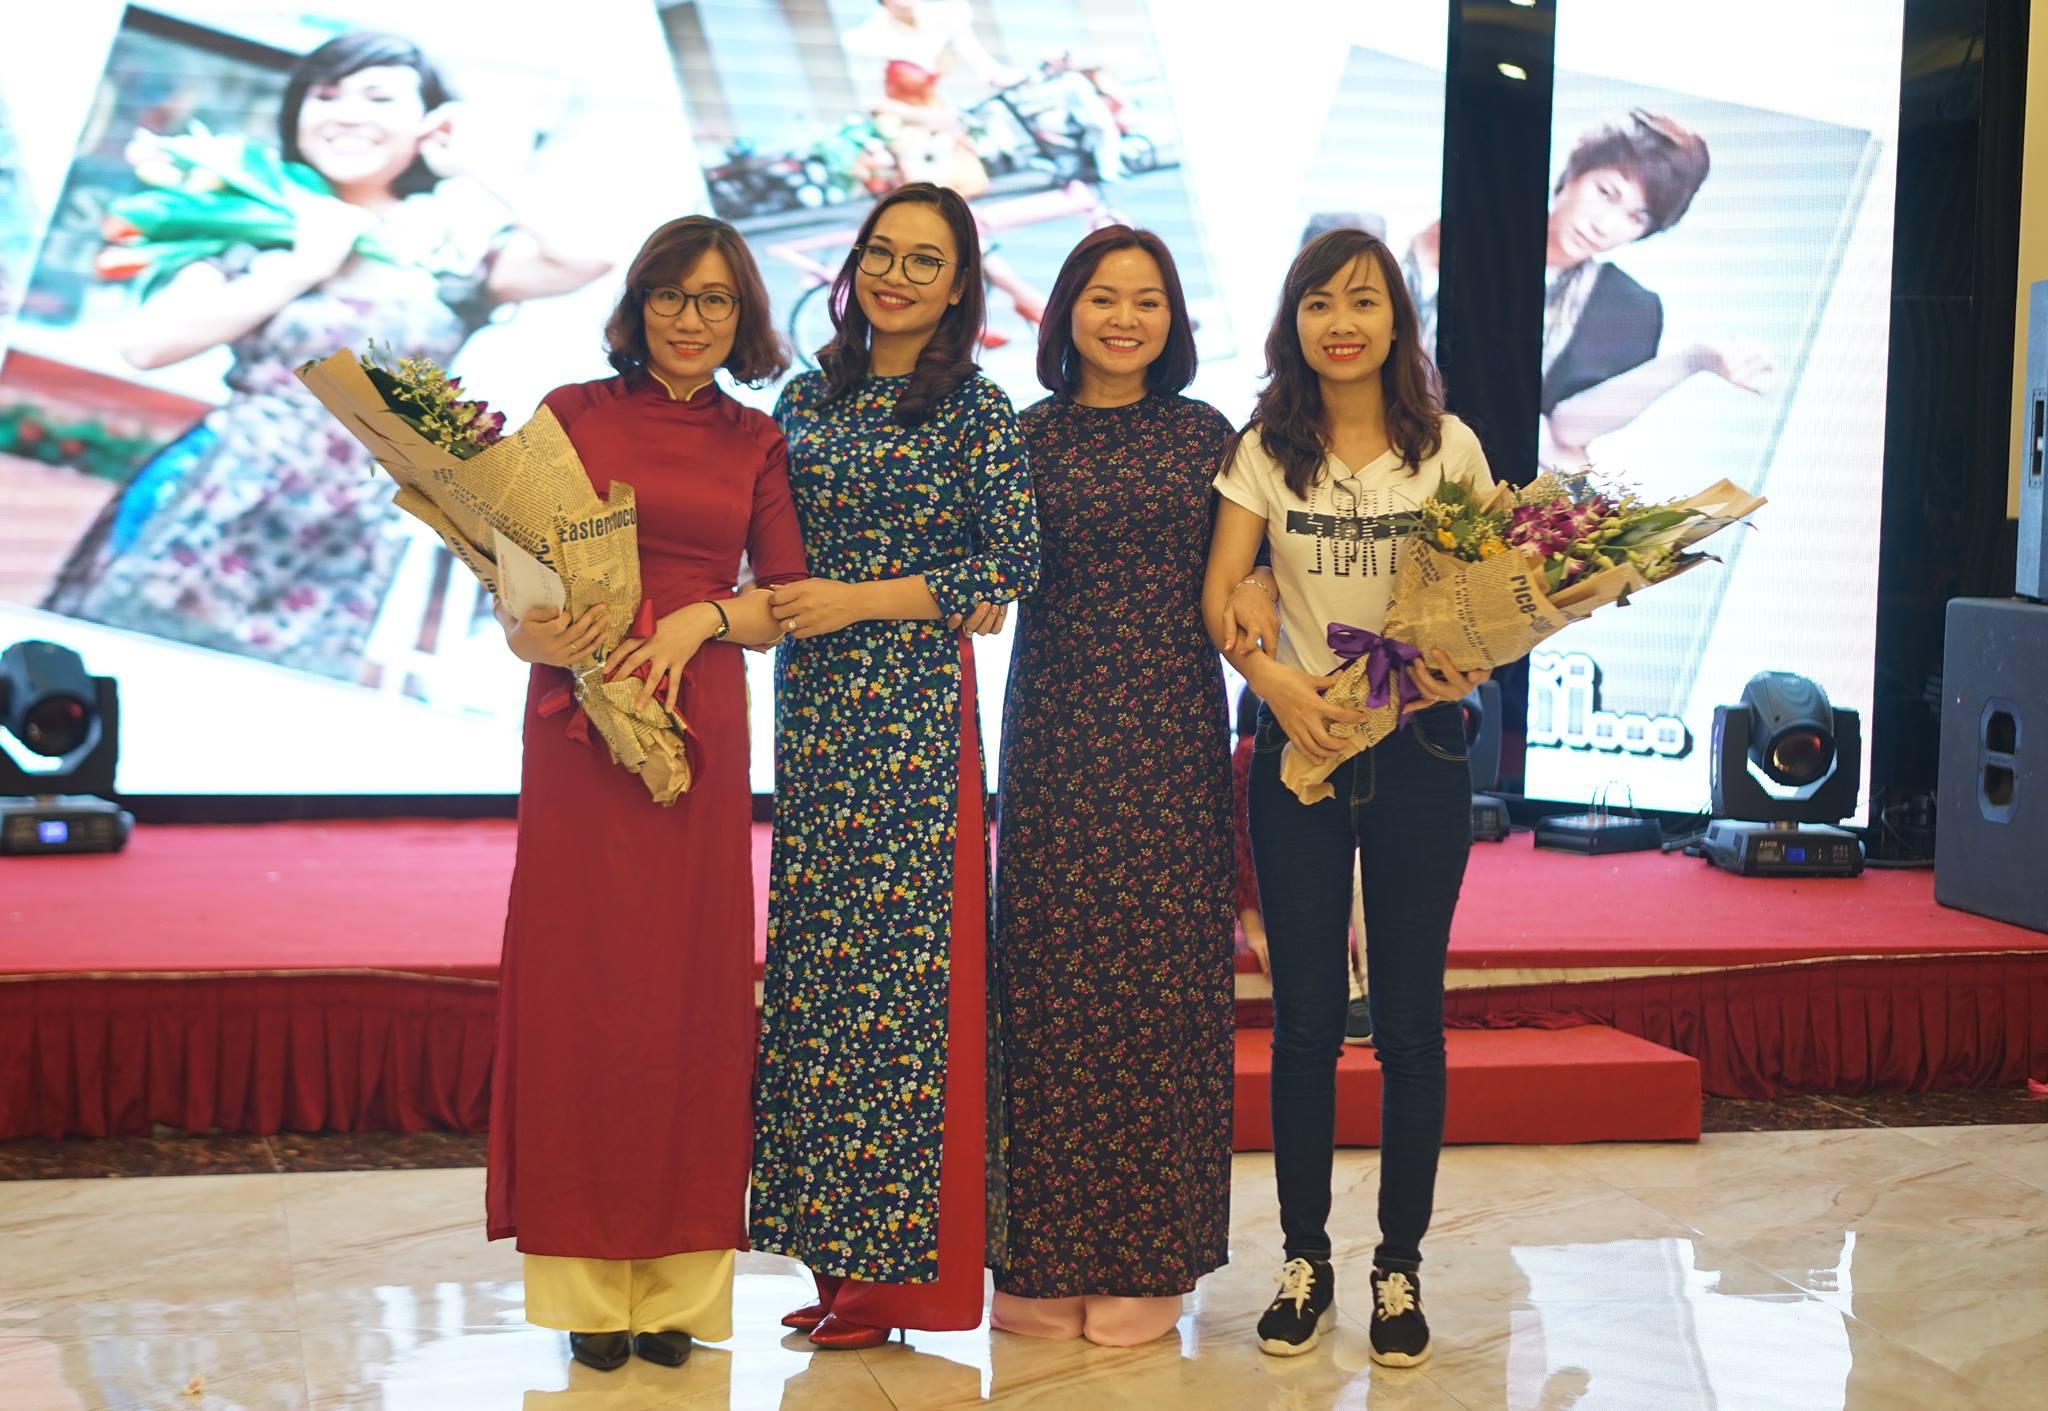 Vinh danh giáo viên dạy giỏi cấp trường: Cô Trần Hà, Cô Nguyễn Luyến